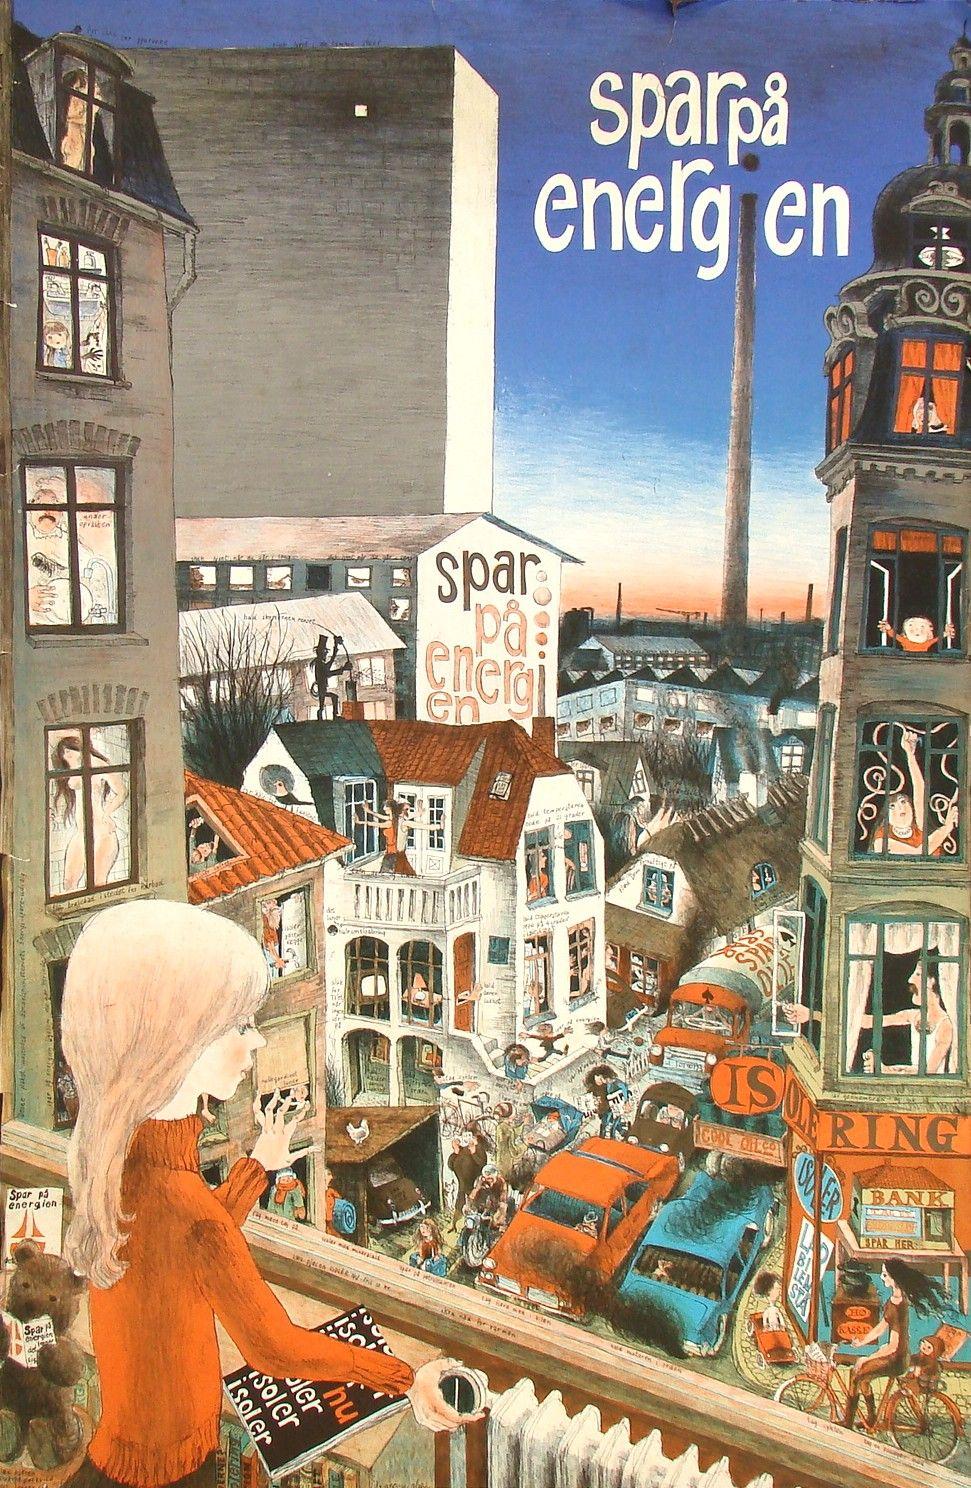 Spar Pa Energien Illustrerede Plakater Illustration Vintage Plakater